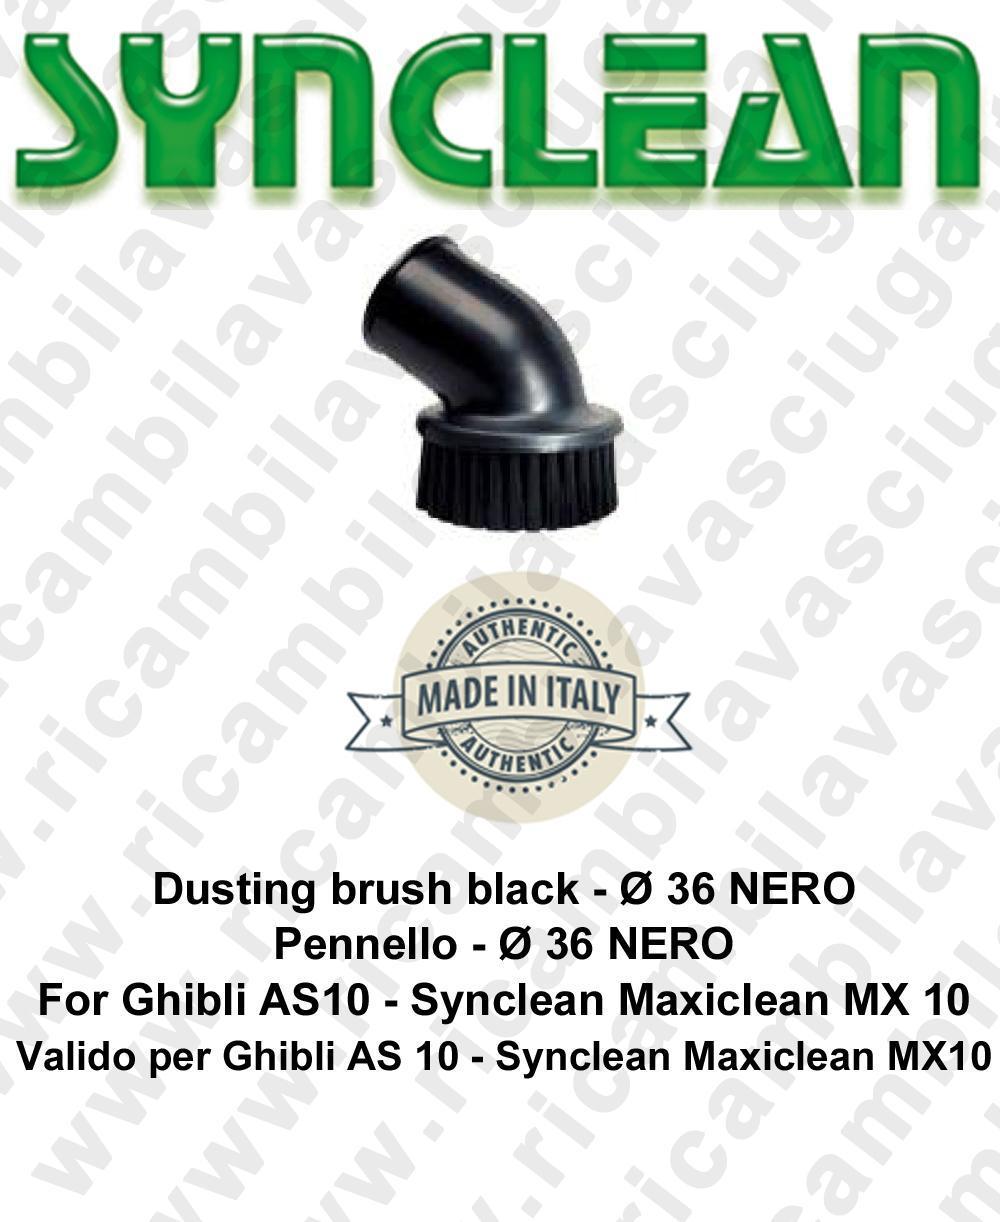 Accesorios aspiradora Cepillo redondo ø 36 Negro  válido para Ghibli AS10 - Synclean Maxiclean MX10